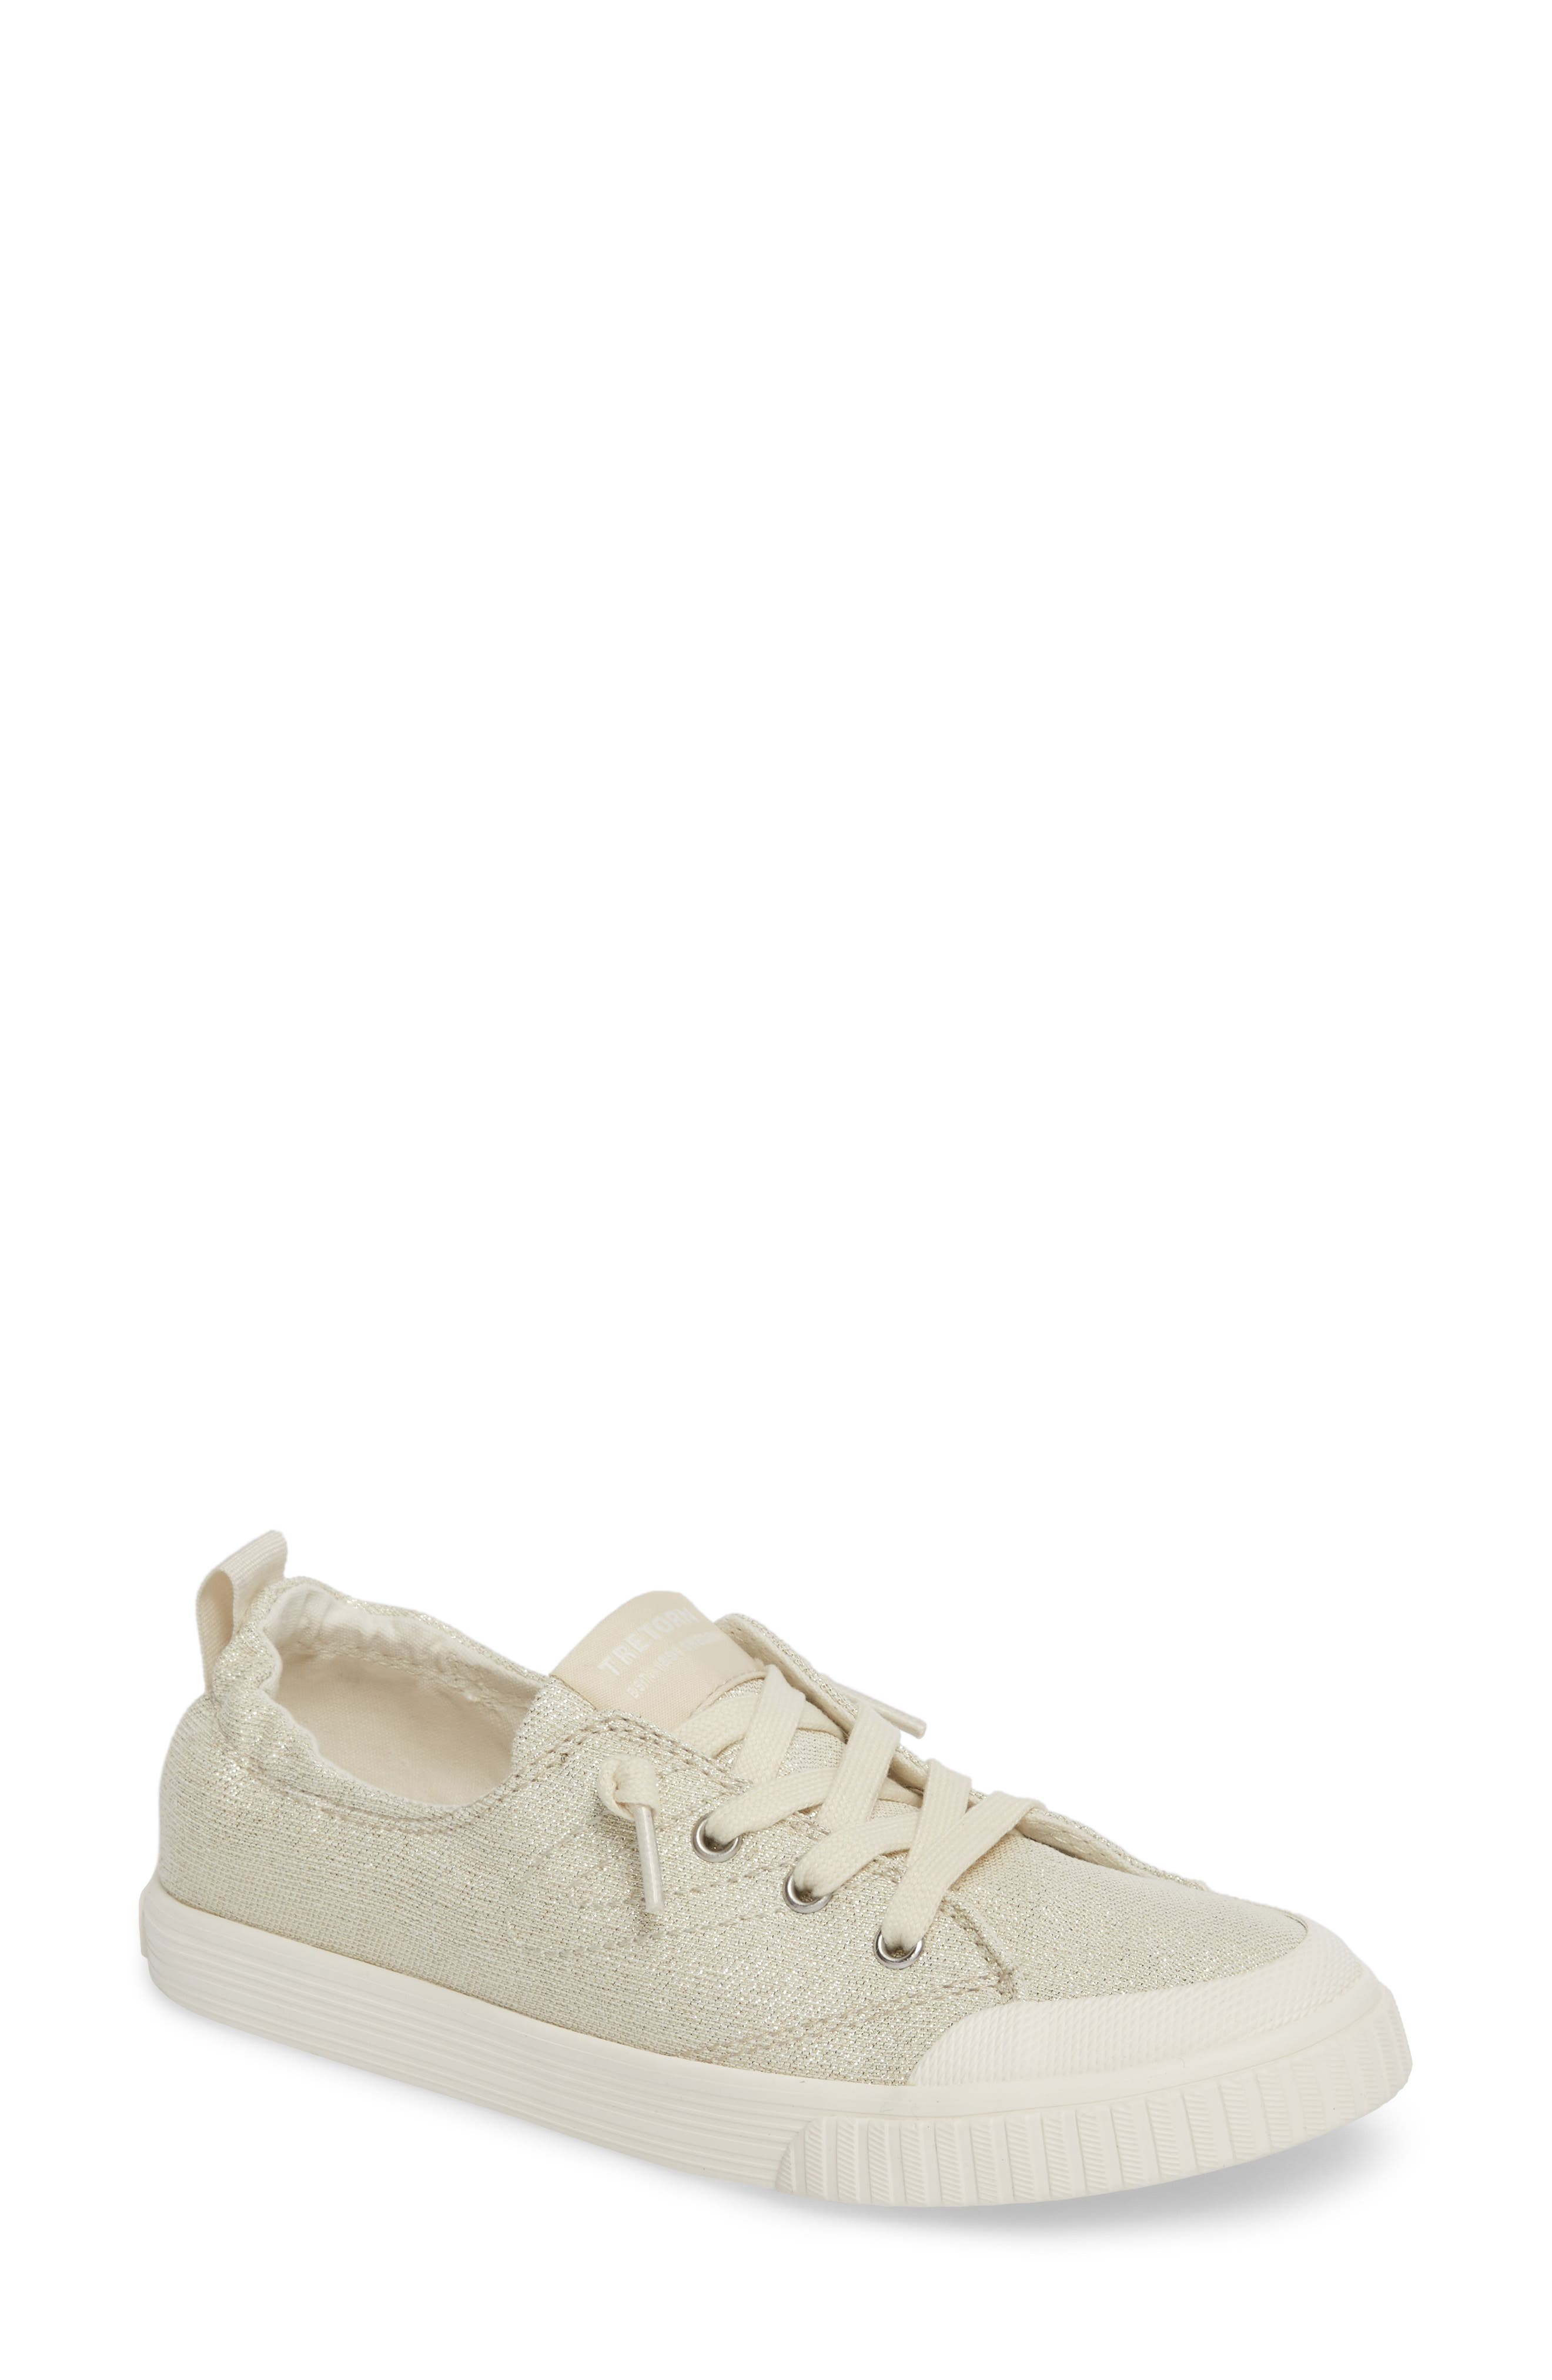 Meg Slip-On Sneaker,                             Main thumbnail 1, color,